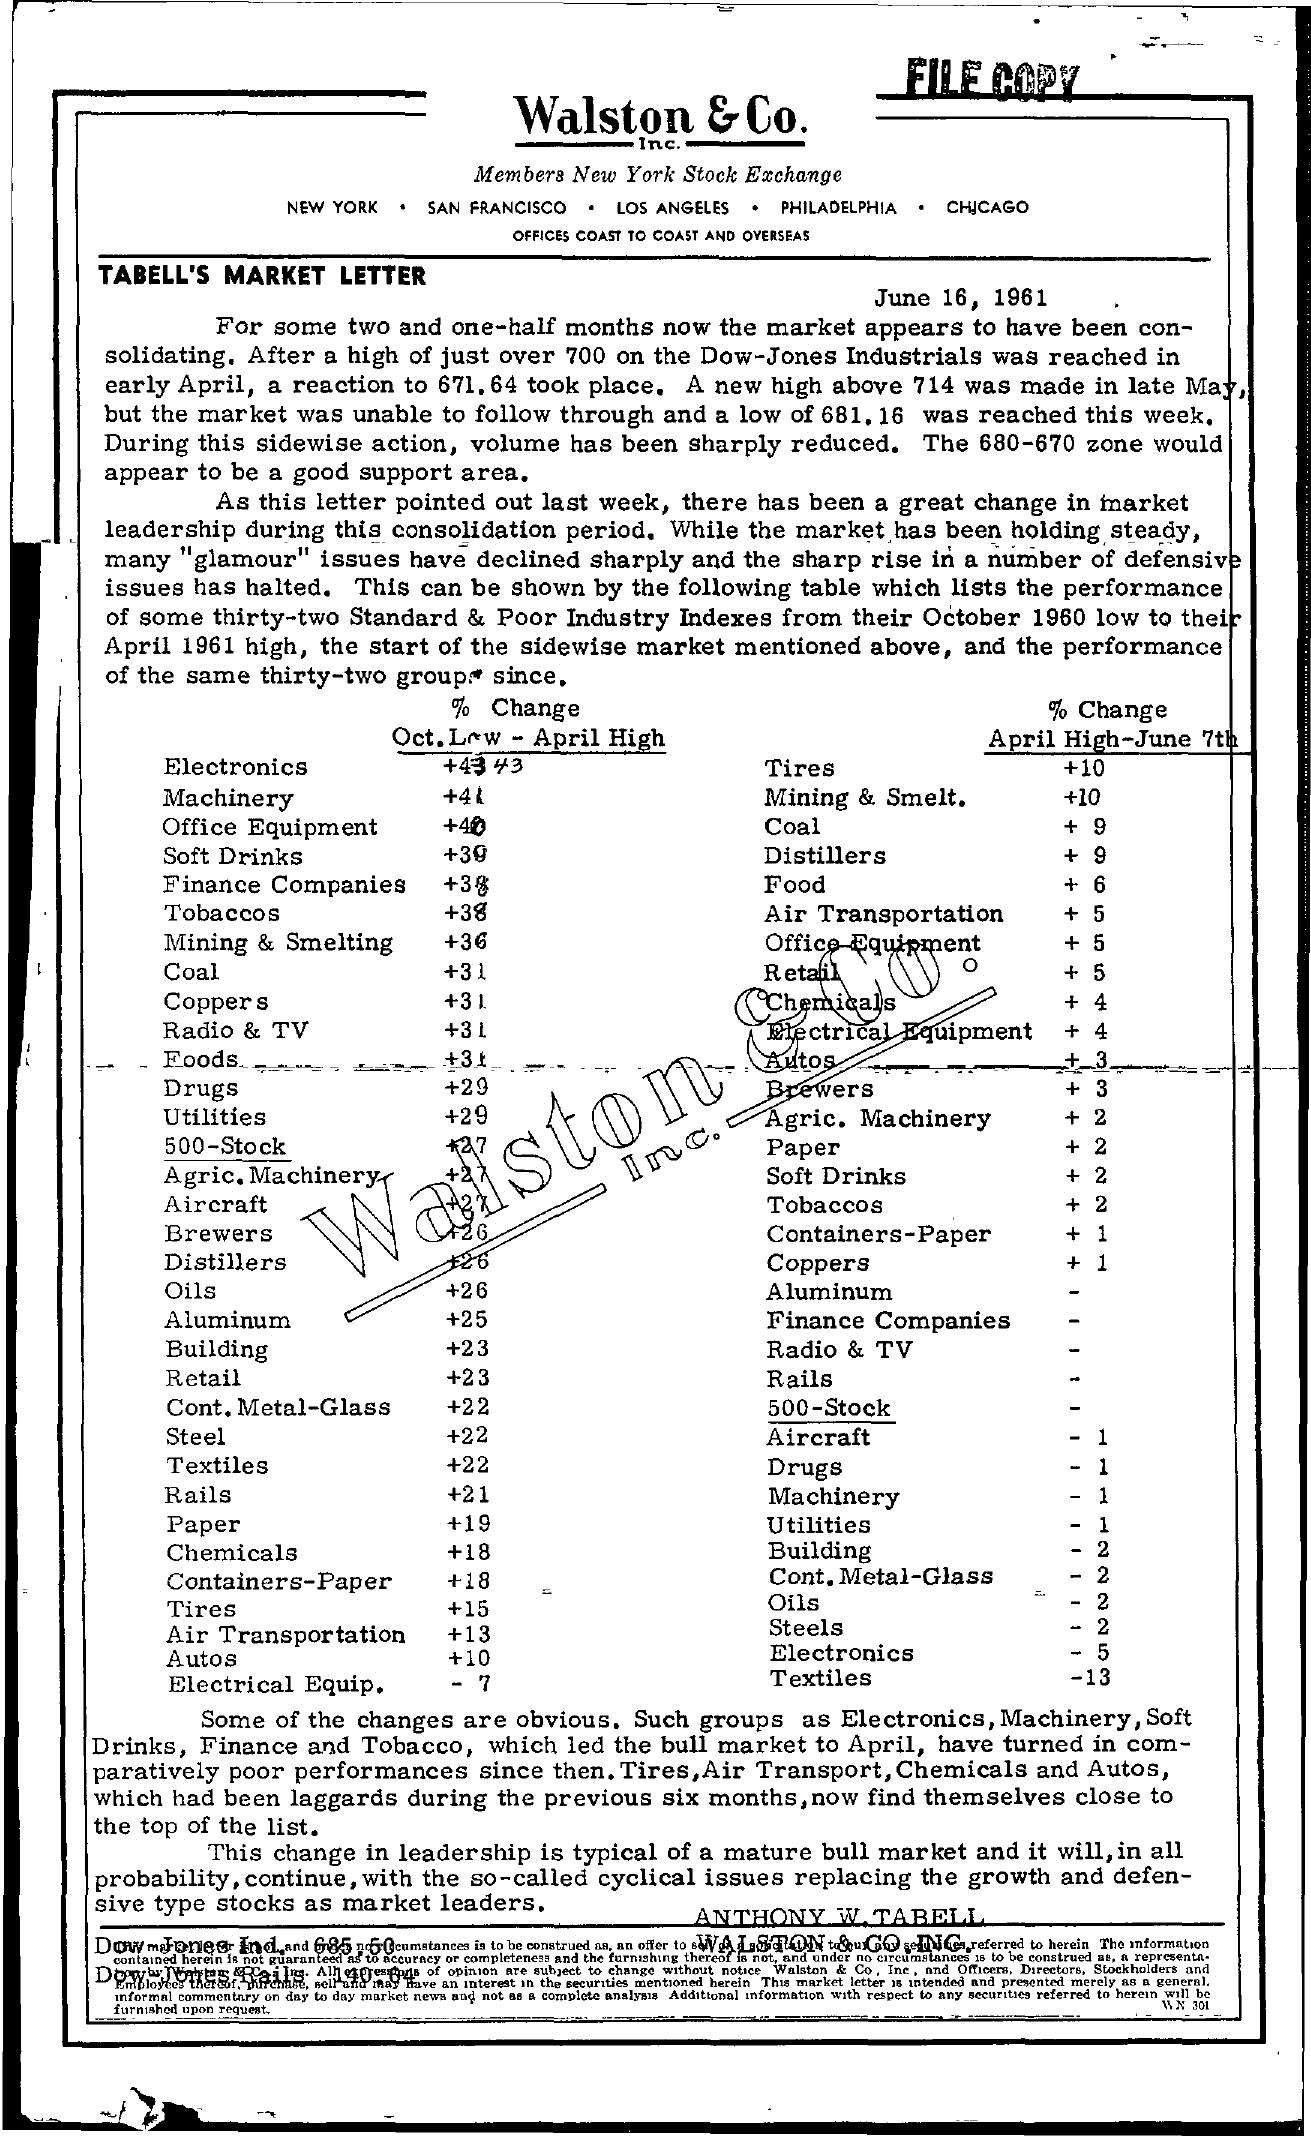 Tabell's Market Letter - June 16, 1961